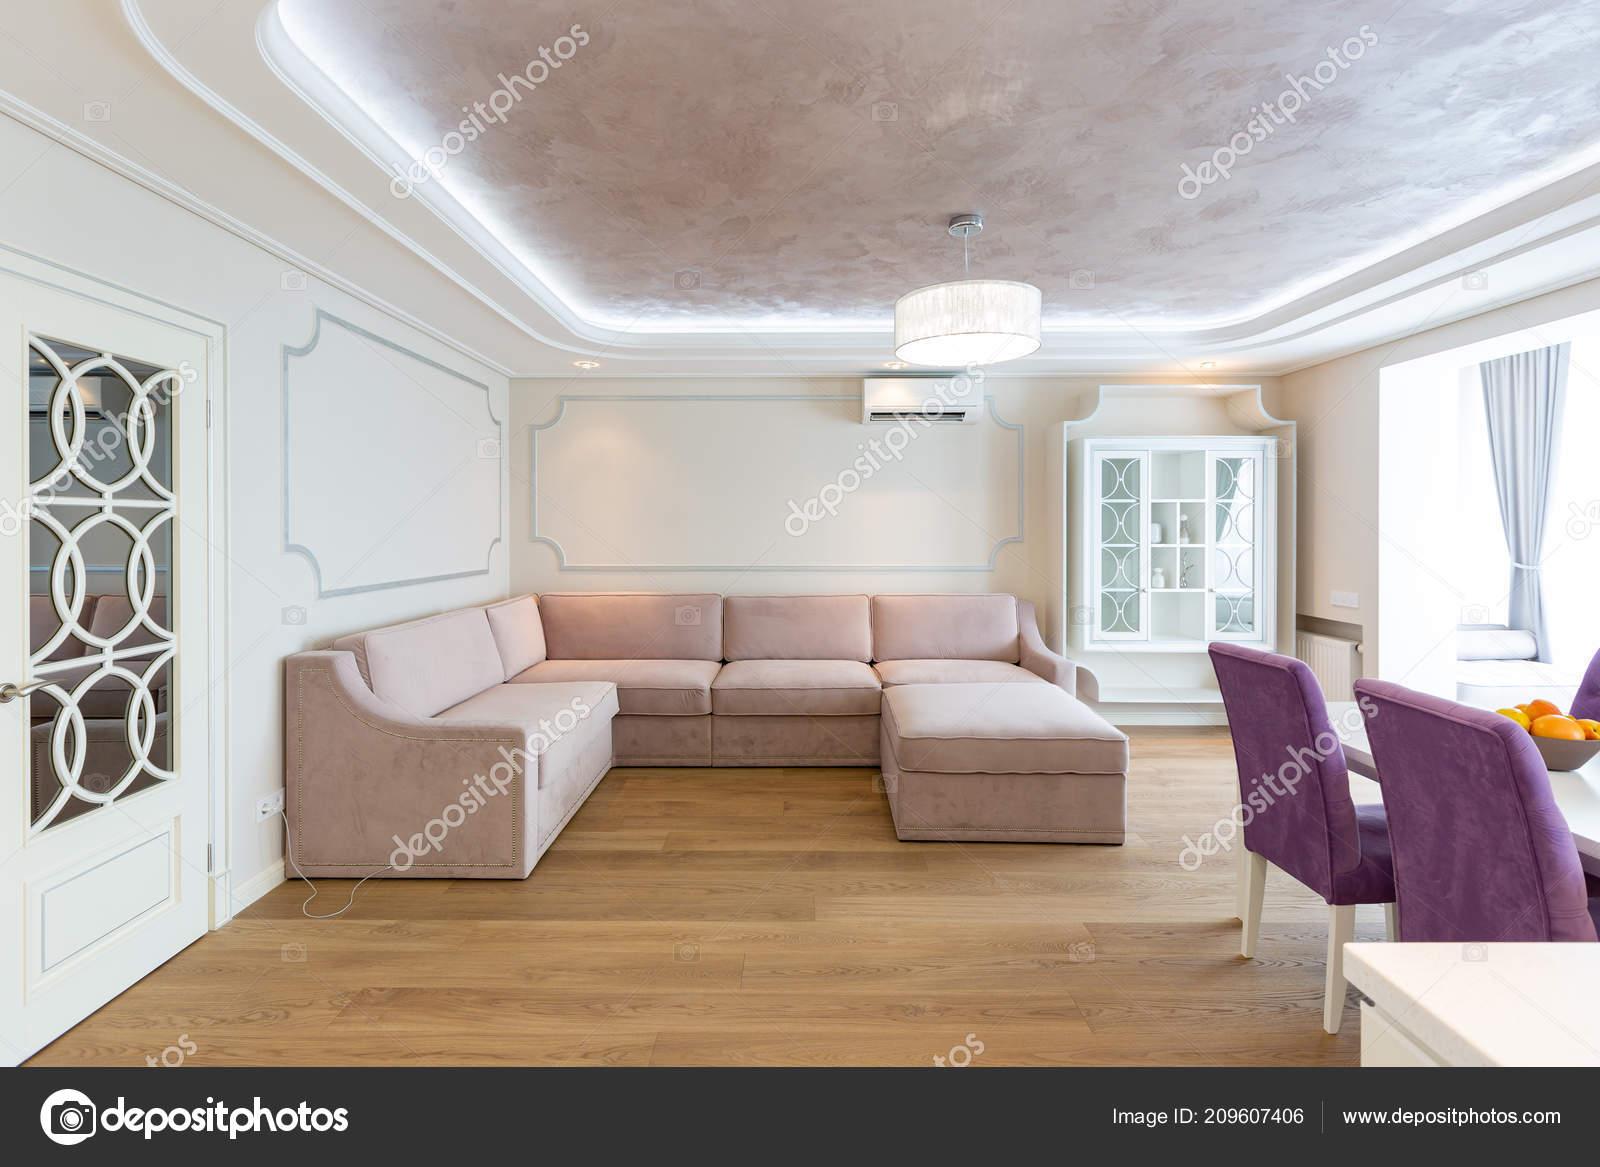 Paars Woonkamer Interieur : Moderne woonkamer interieur met paarse bank een grote kroonluchter